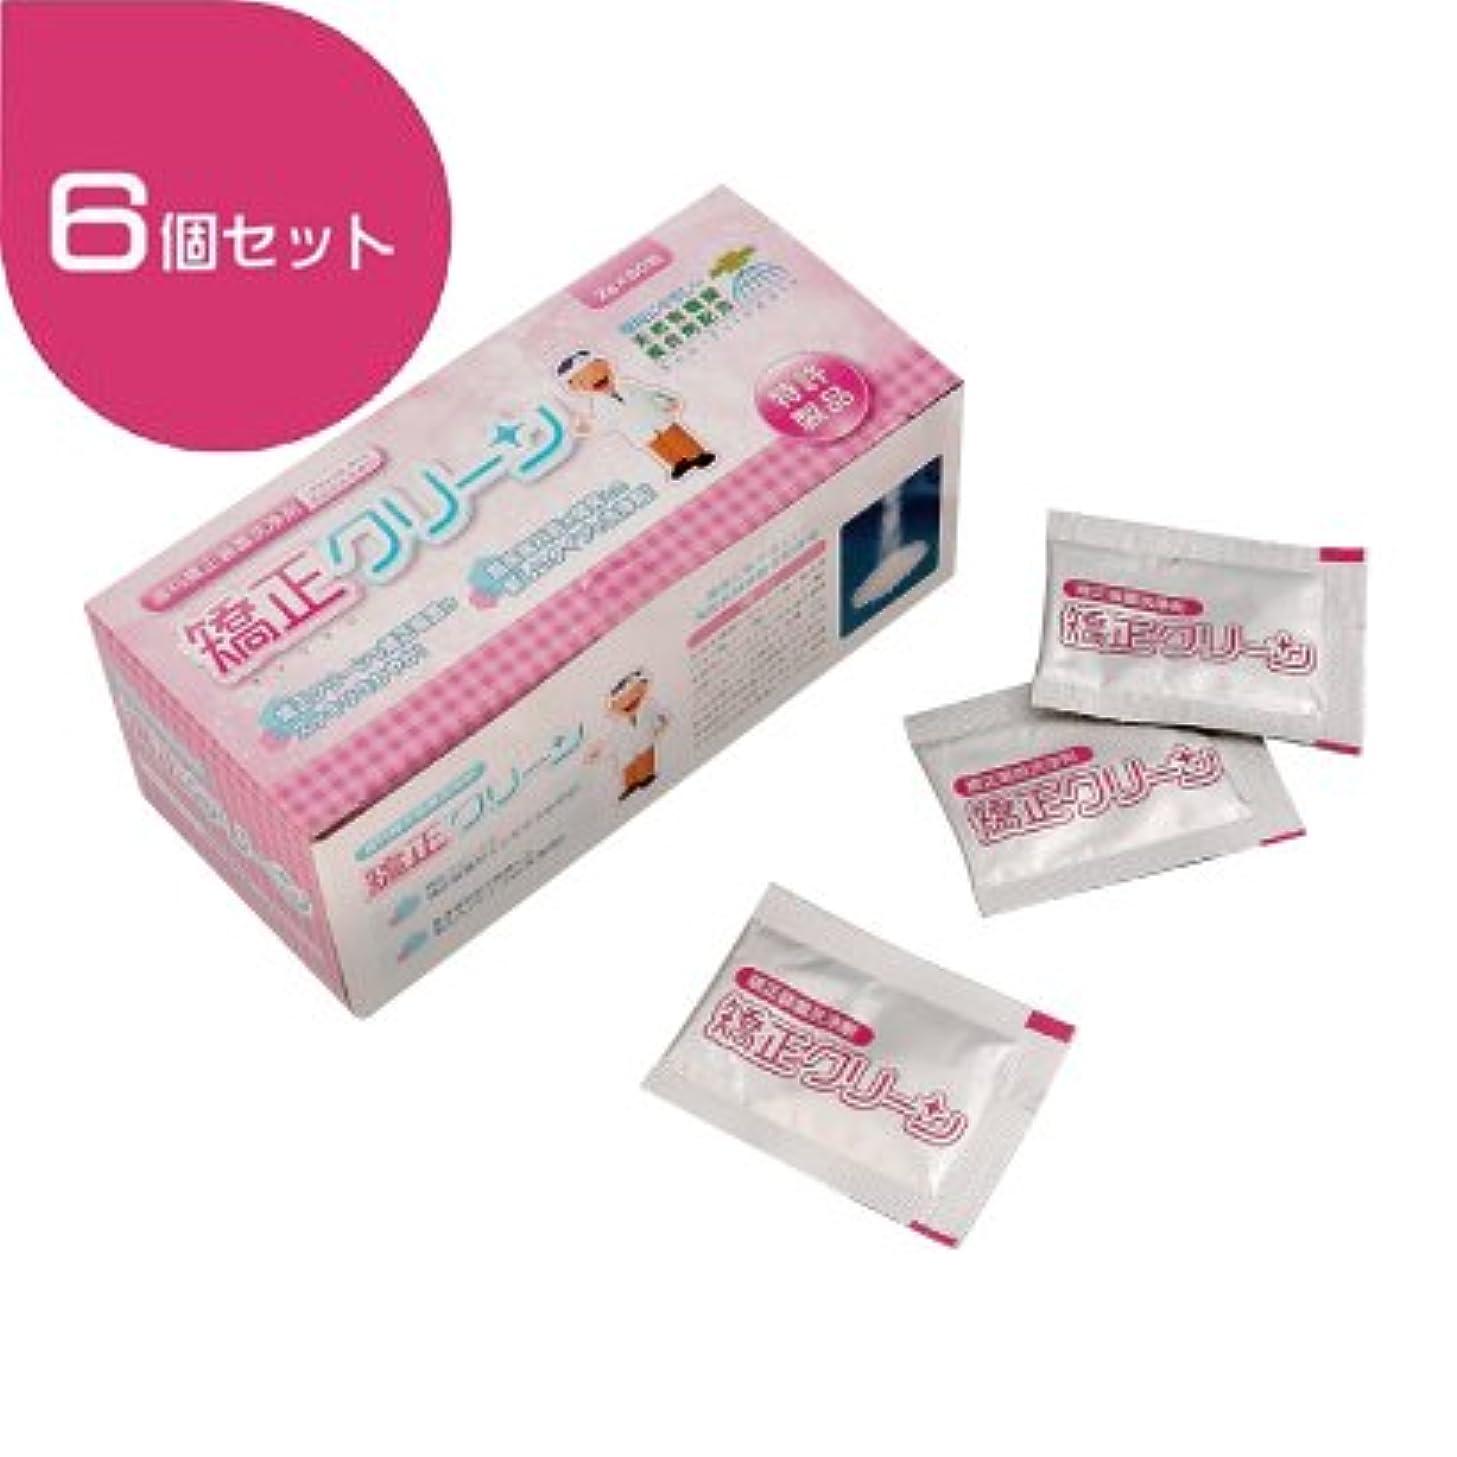 崇拝する牛肉ヒロイン矯正クリーン 1箱(2g×60包入り) × 6個 歯科矯正装置用洗浄剤